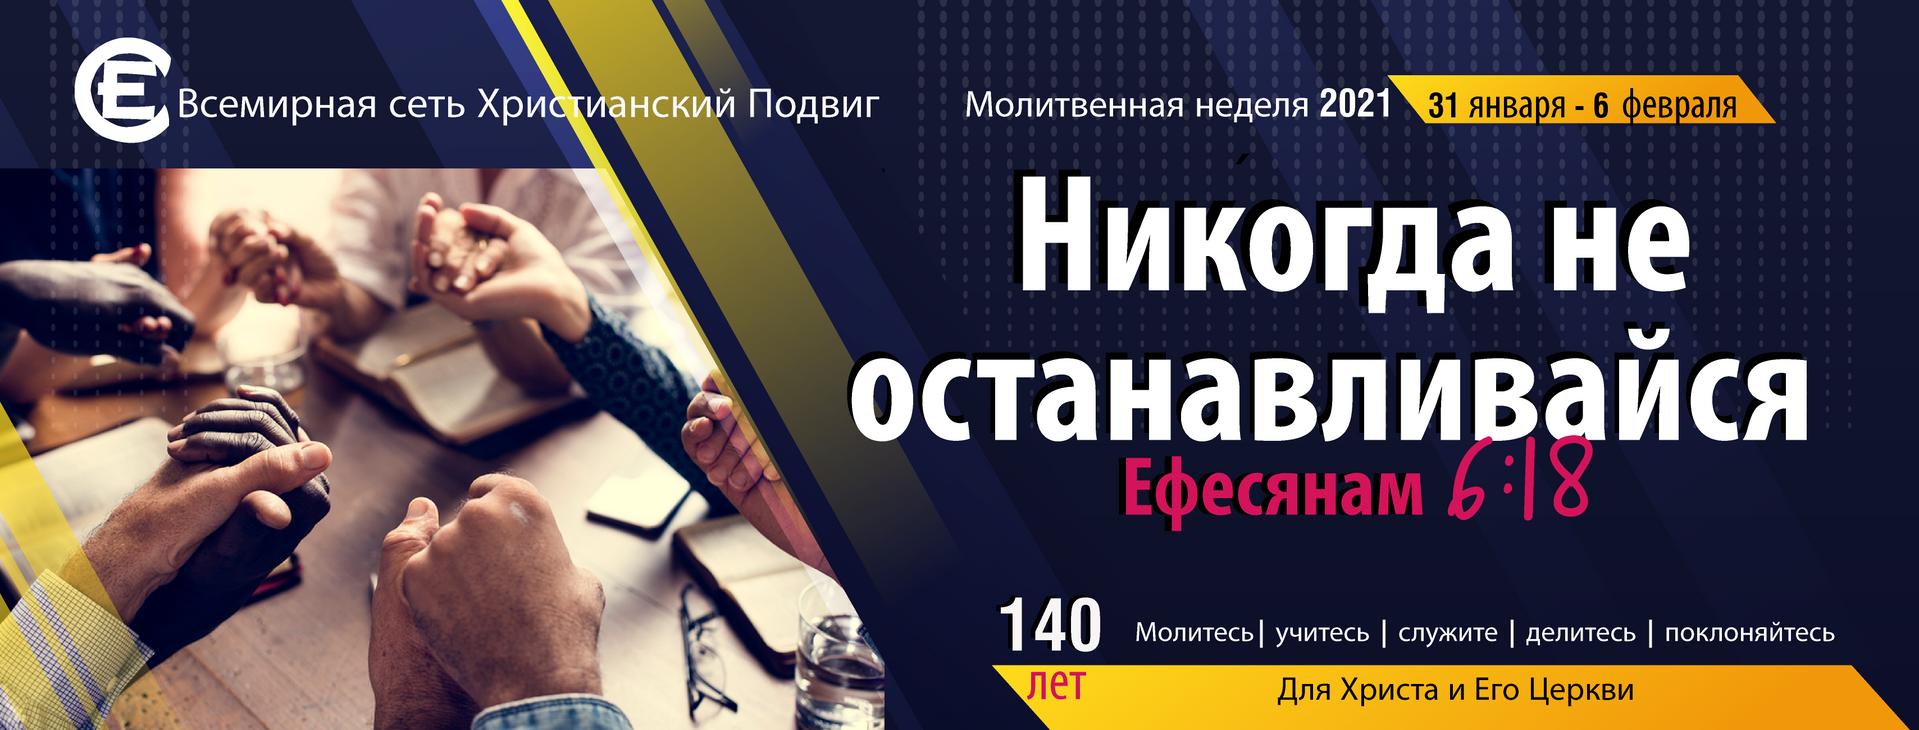 Russisch (FB Banner)